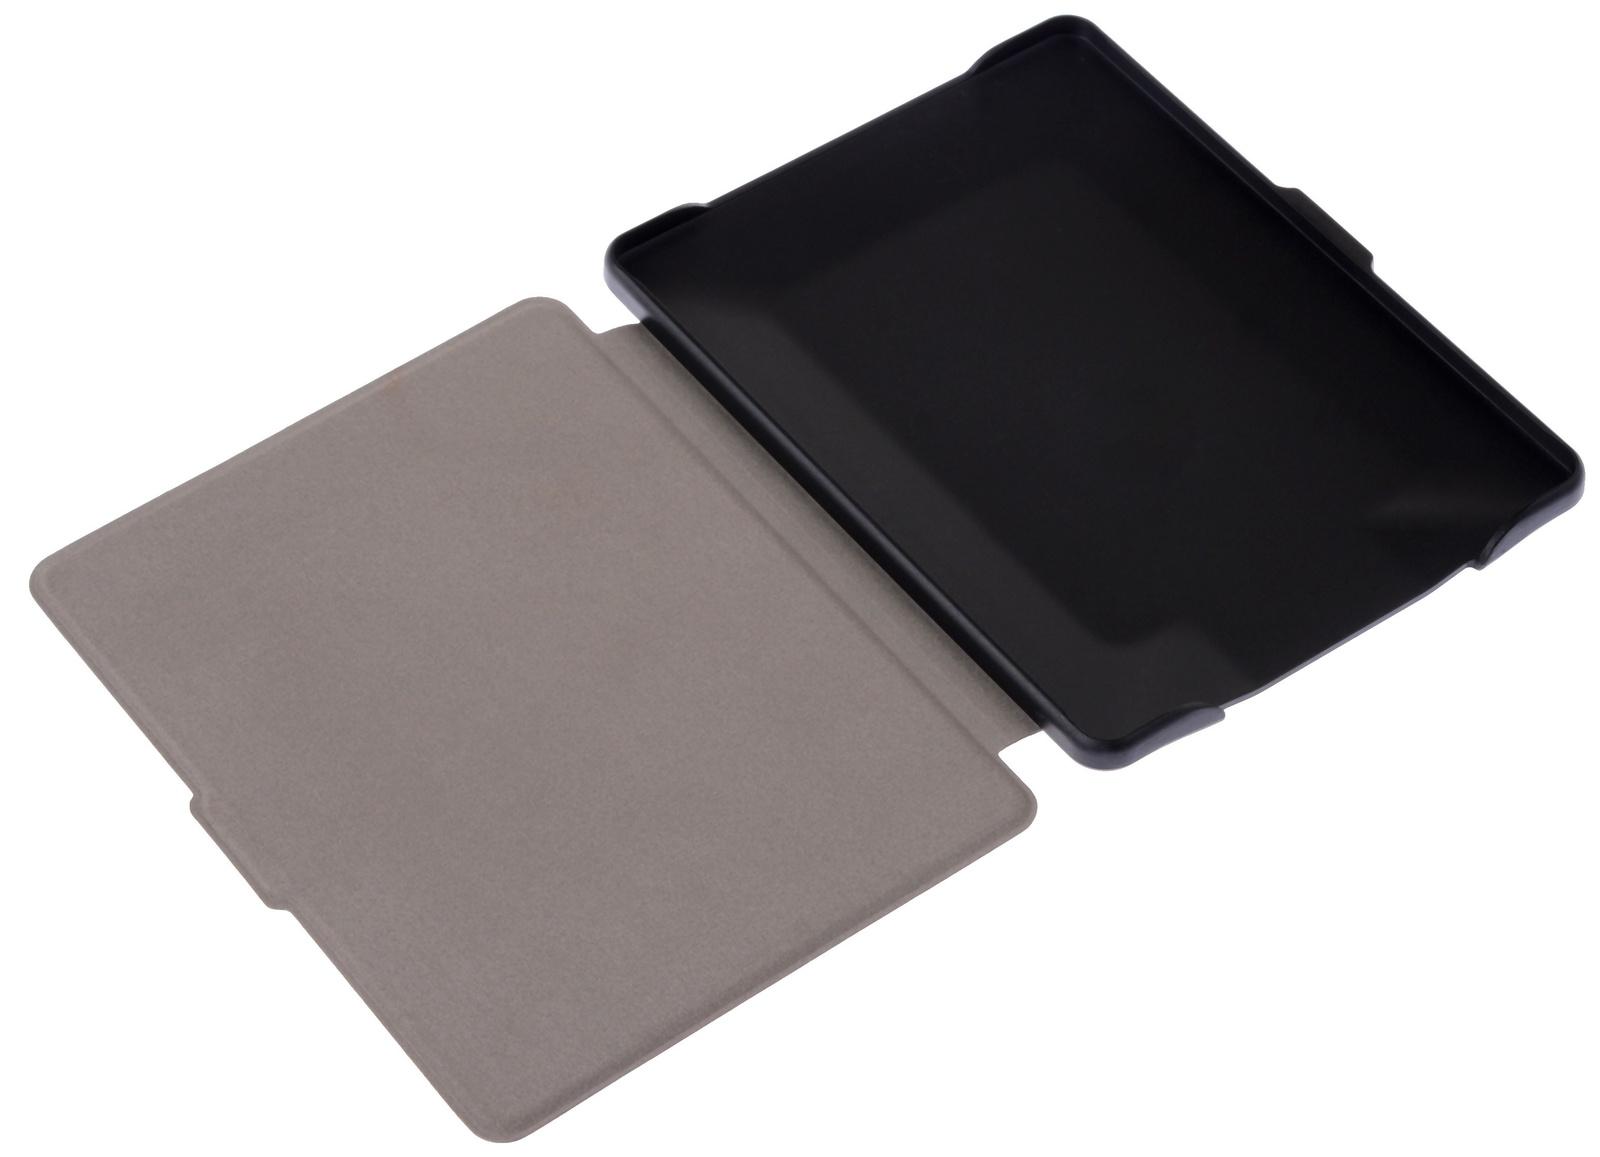 Чехол для электронной книги skinBOX Smart, 4630042529335, черный Skinbox